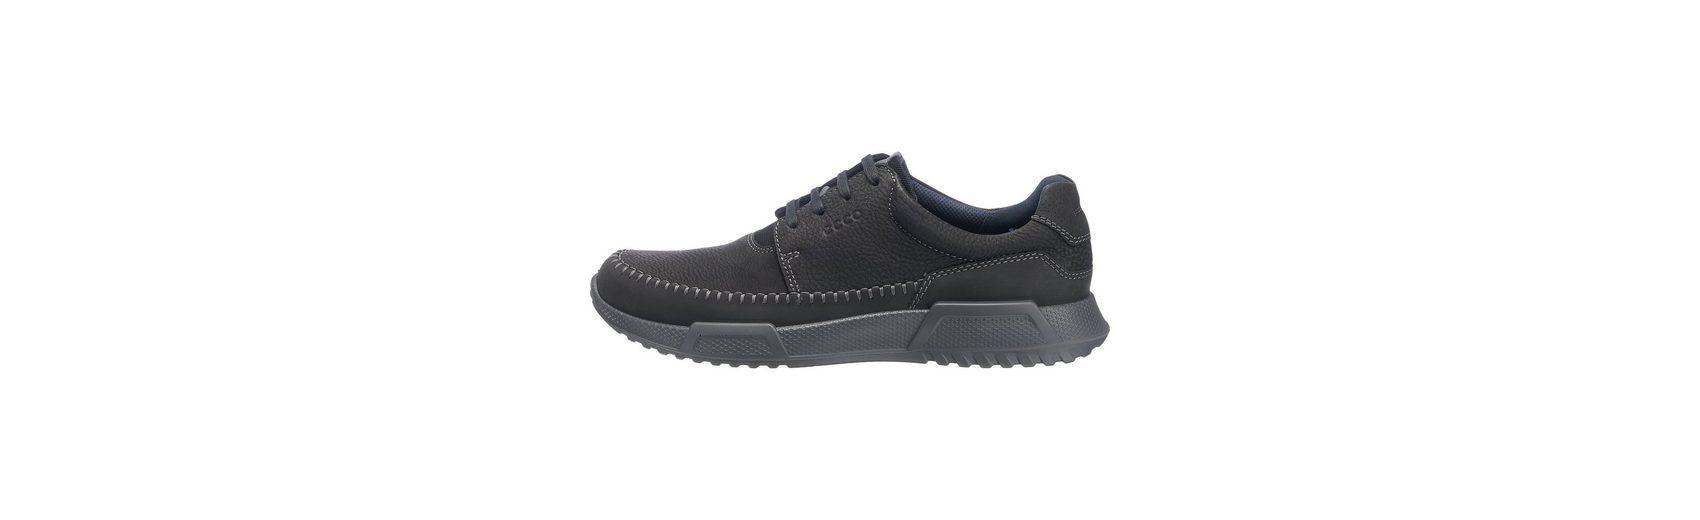 Hohe Qualität Online Kaufen ecco Luca Freizeit Schuhe Verkauf 100% Original Großer Rabatt Günstige Preise Und Verfügbarkeit Am Billigsten kmxhUp